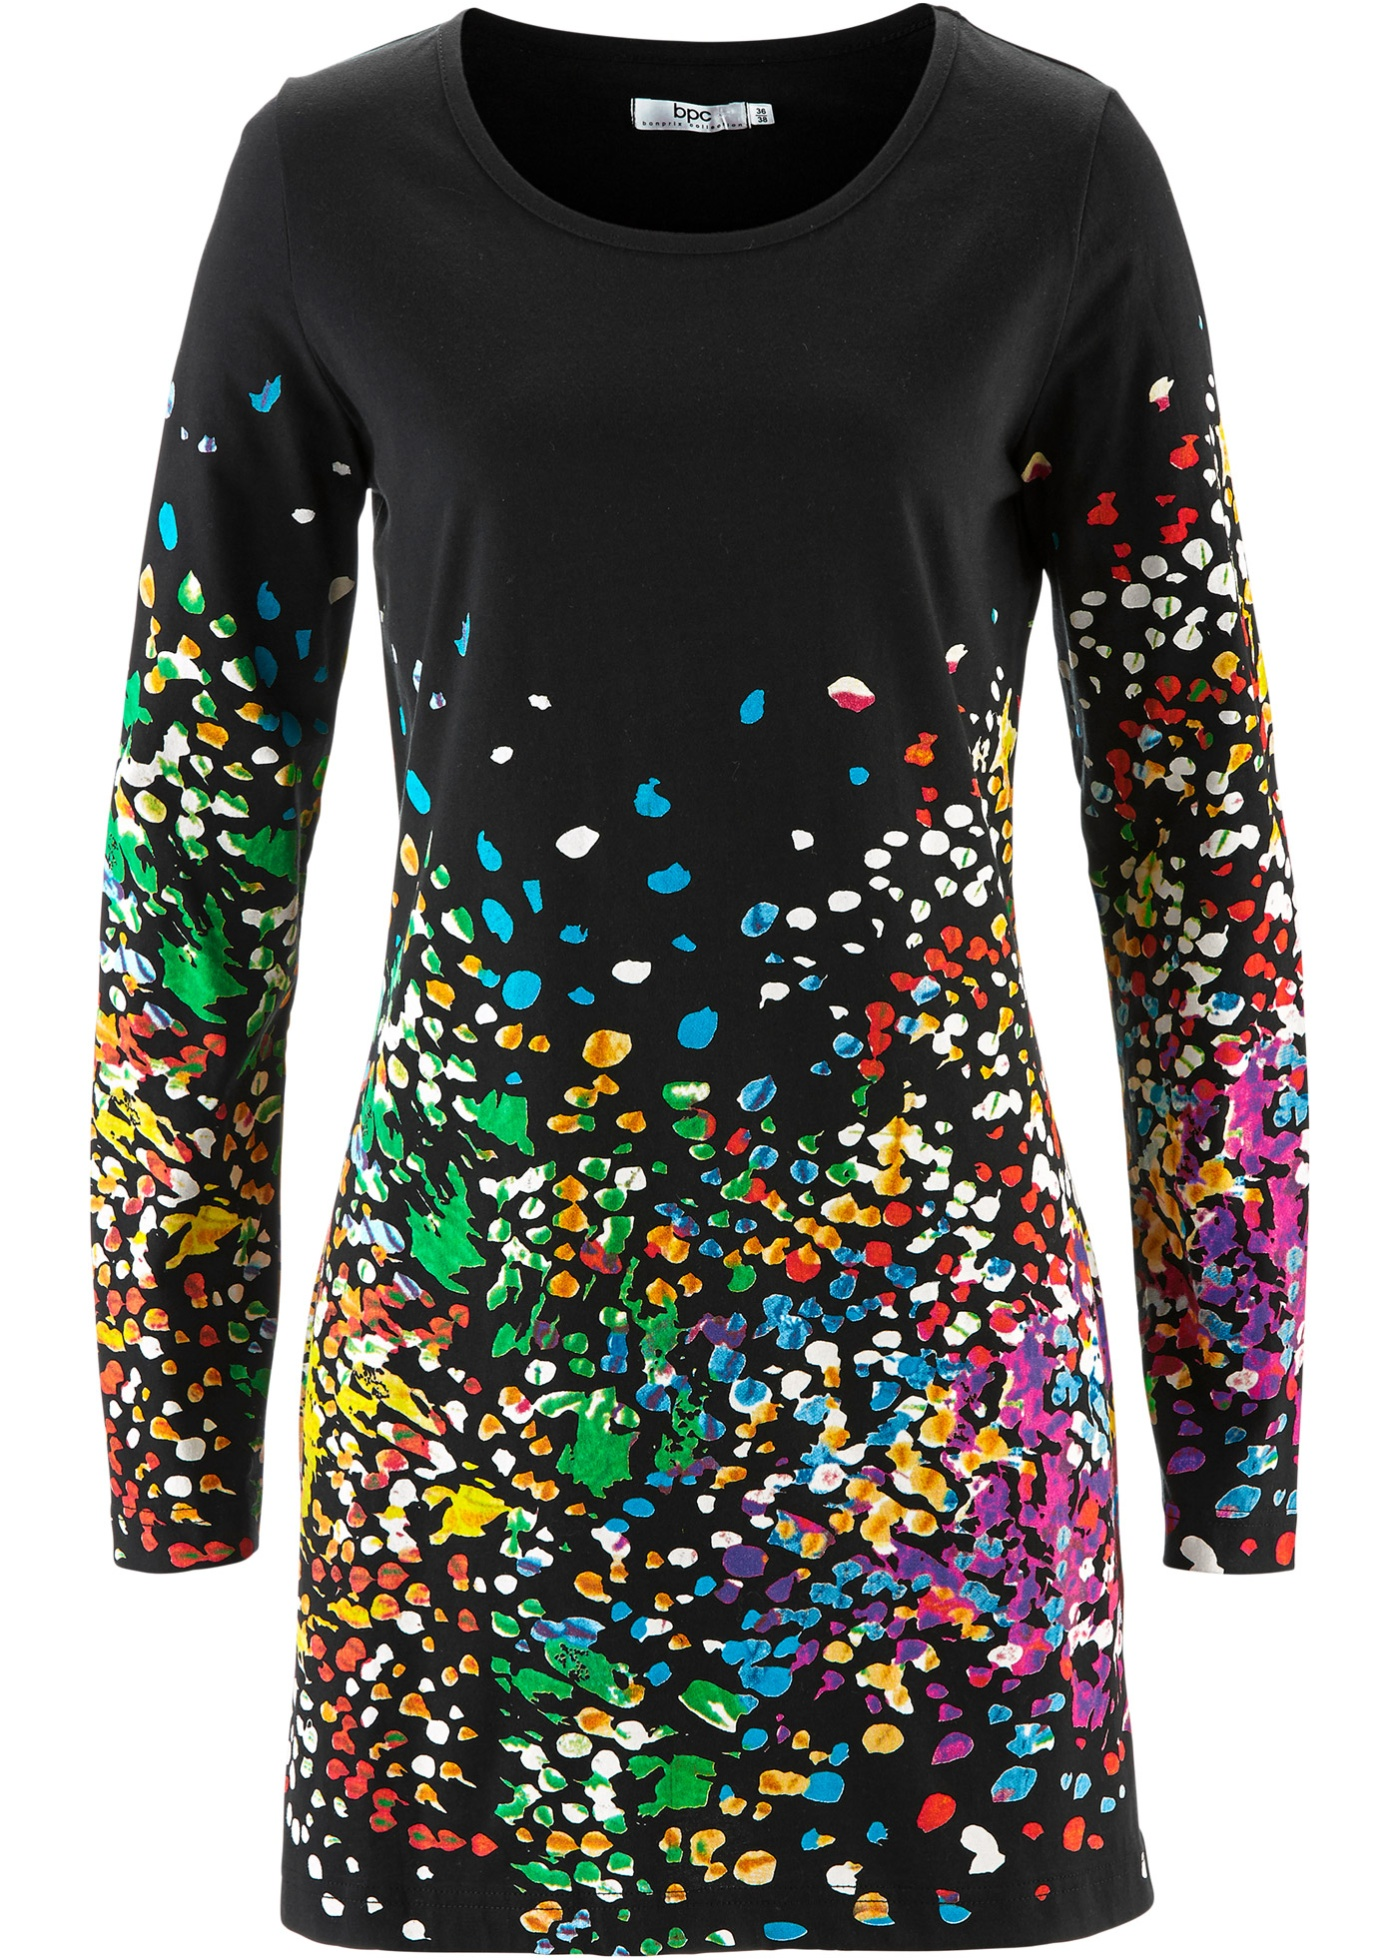 Bonprix shirt Bpc CollectionT Pour Noir Femme TuniqueManches Longues j5L34AR